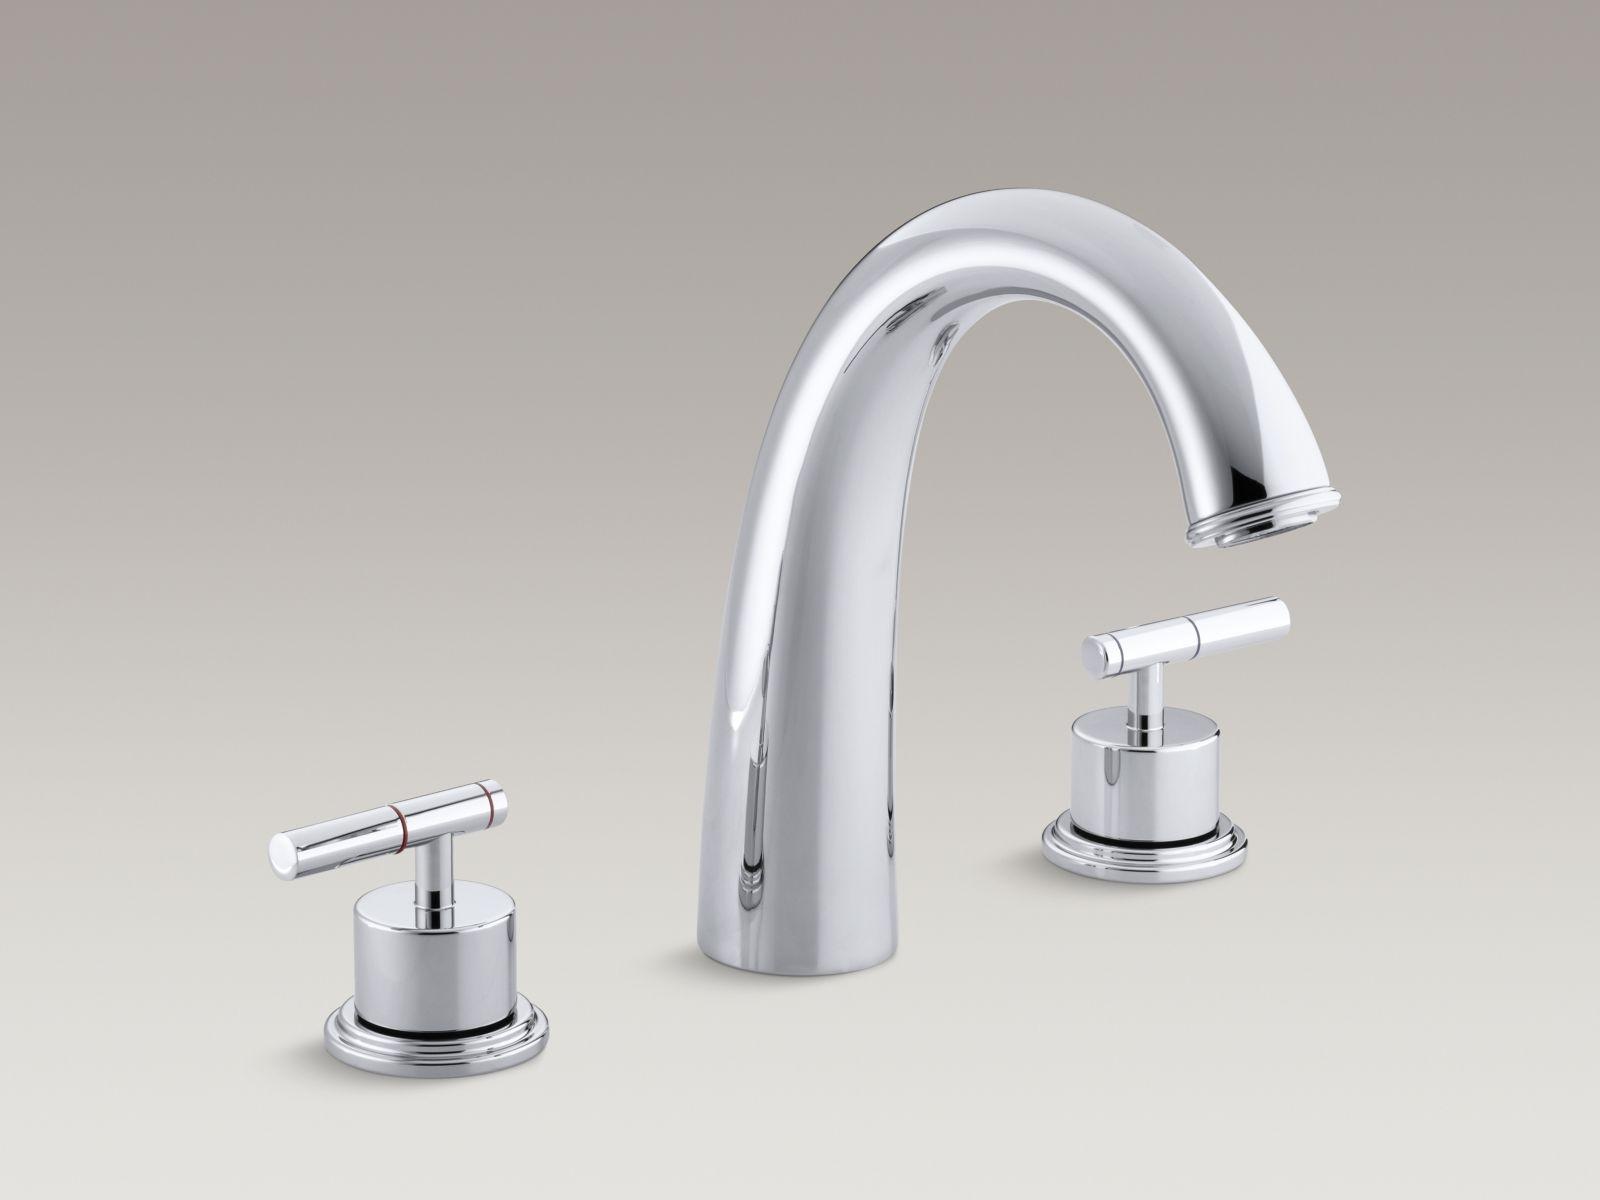 kohler taboret sink faucet kohler taboret sink faucet standard plumbing supply category results for bathtub filler 1600 x 1200